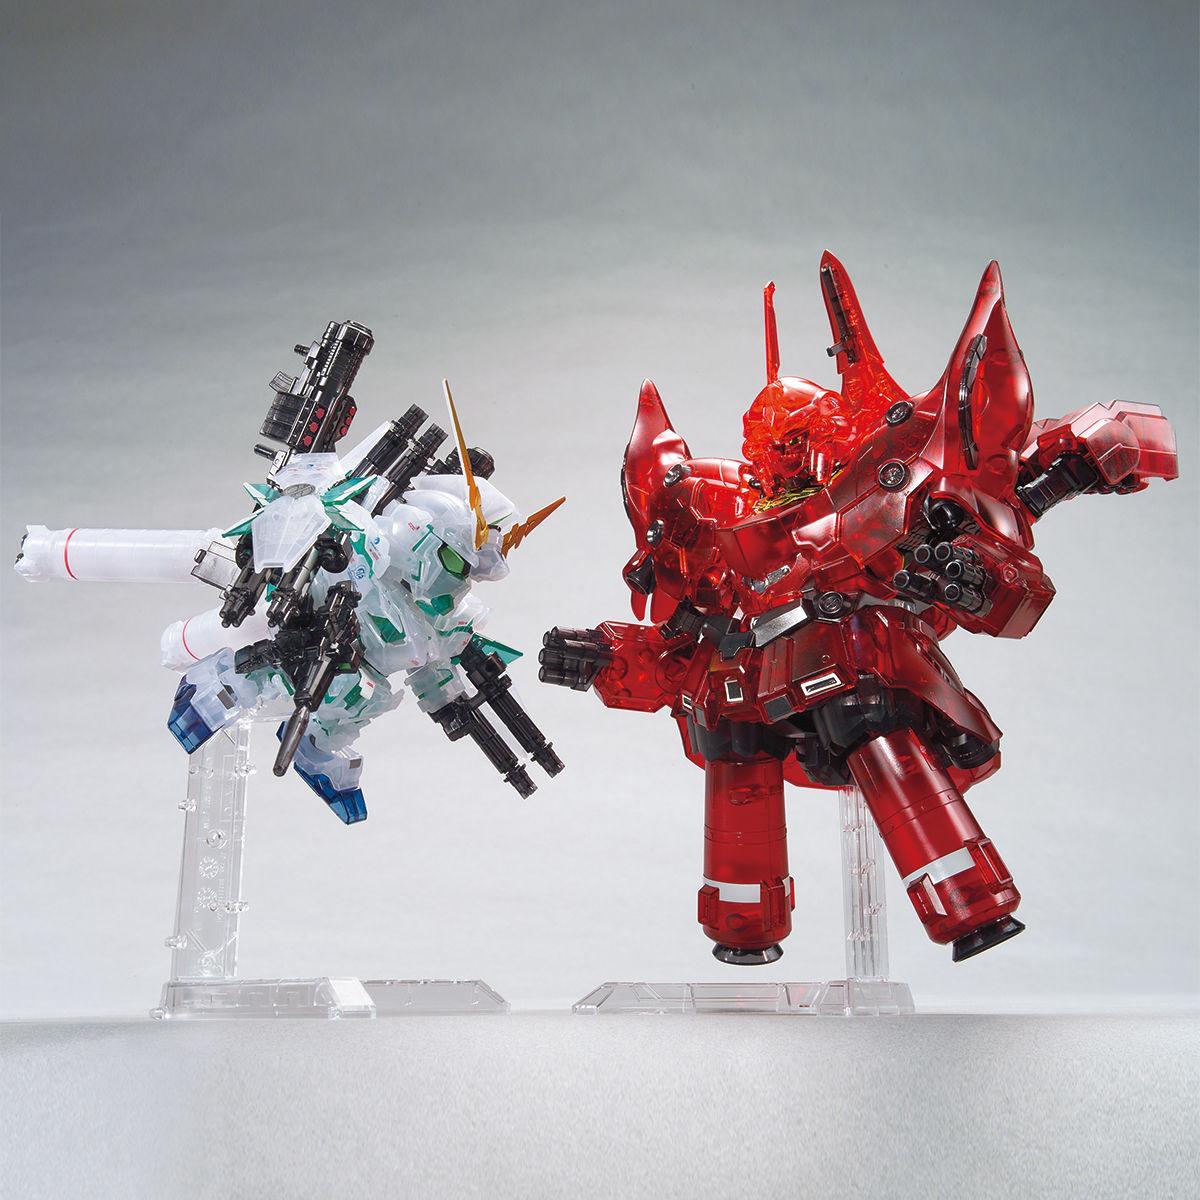 BB戦士 ガンダムベース限定 フルアーマー・ユニコーンガンダム&ネオ・ジオング [クリアカラー] 商品画像